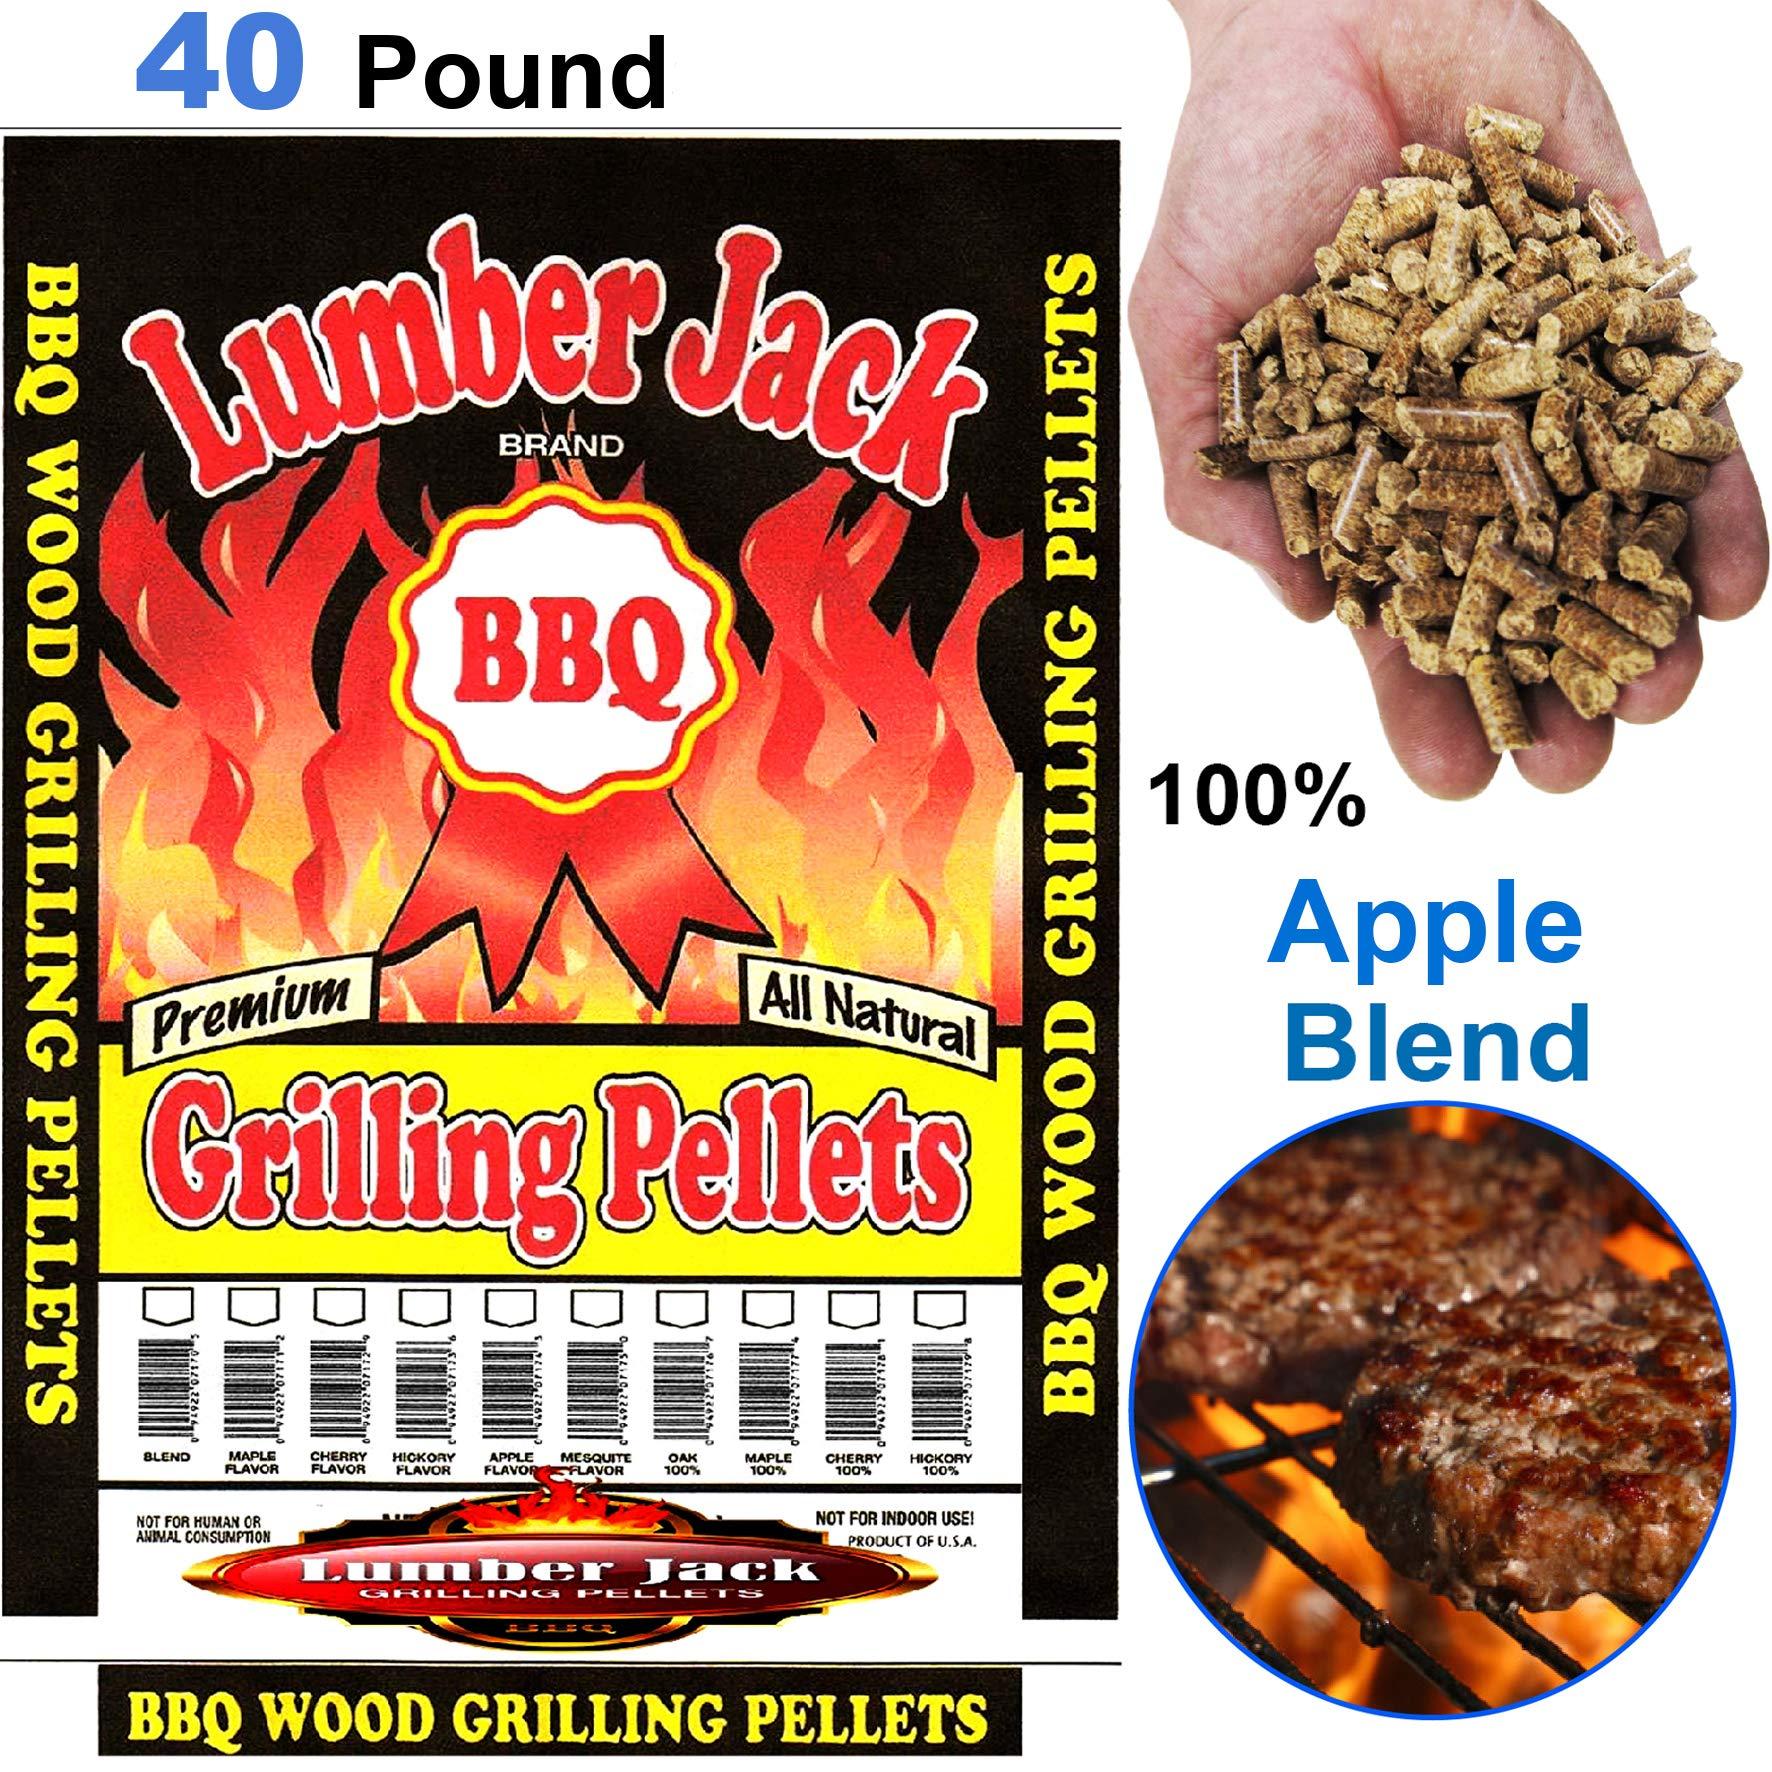 Lumber Jack LJACK40-Apple-Blend Smoking BBQ Grilling Wood Smoker Pellets - Full of Flavor, 40Lbs by Lumber Jack